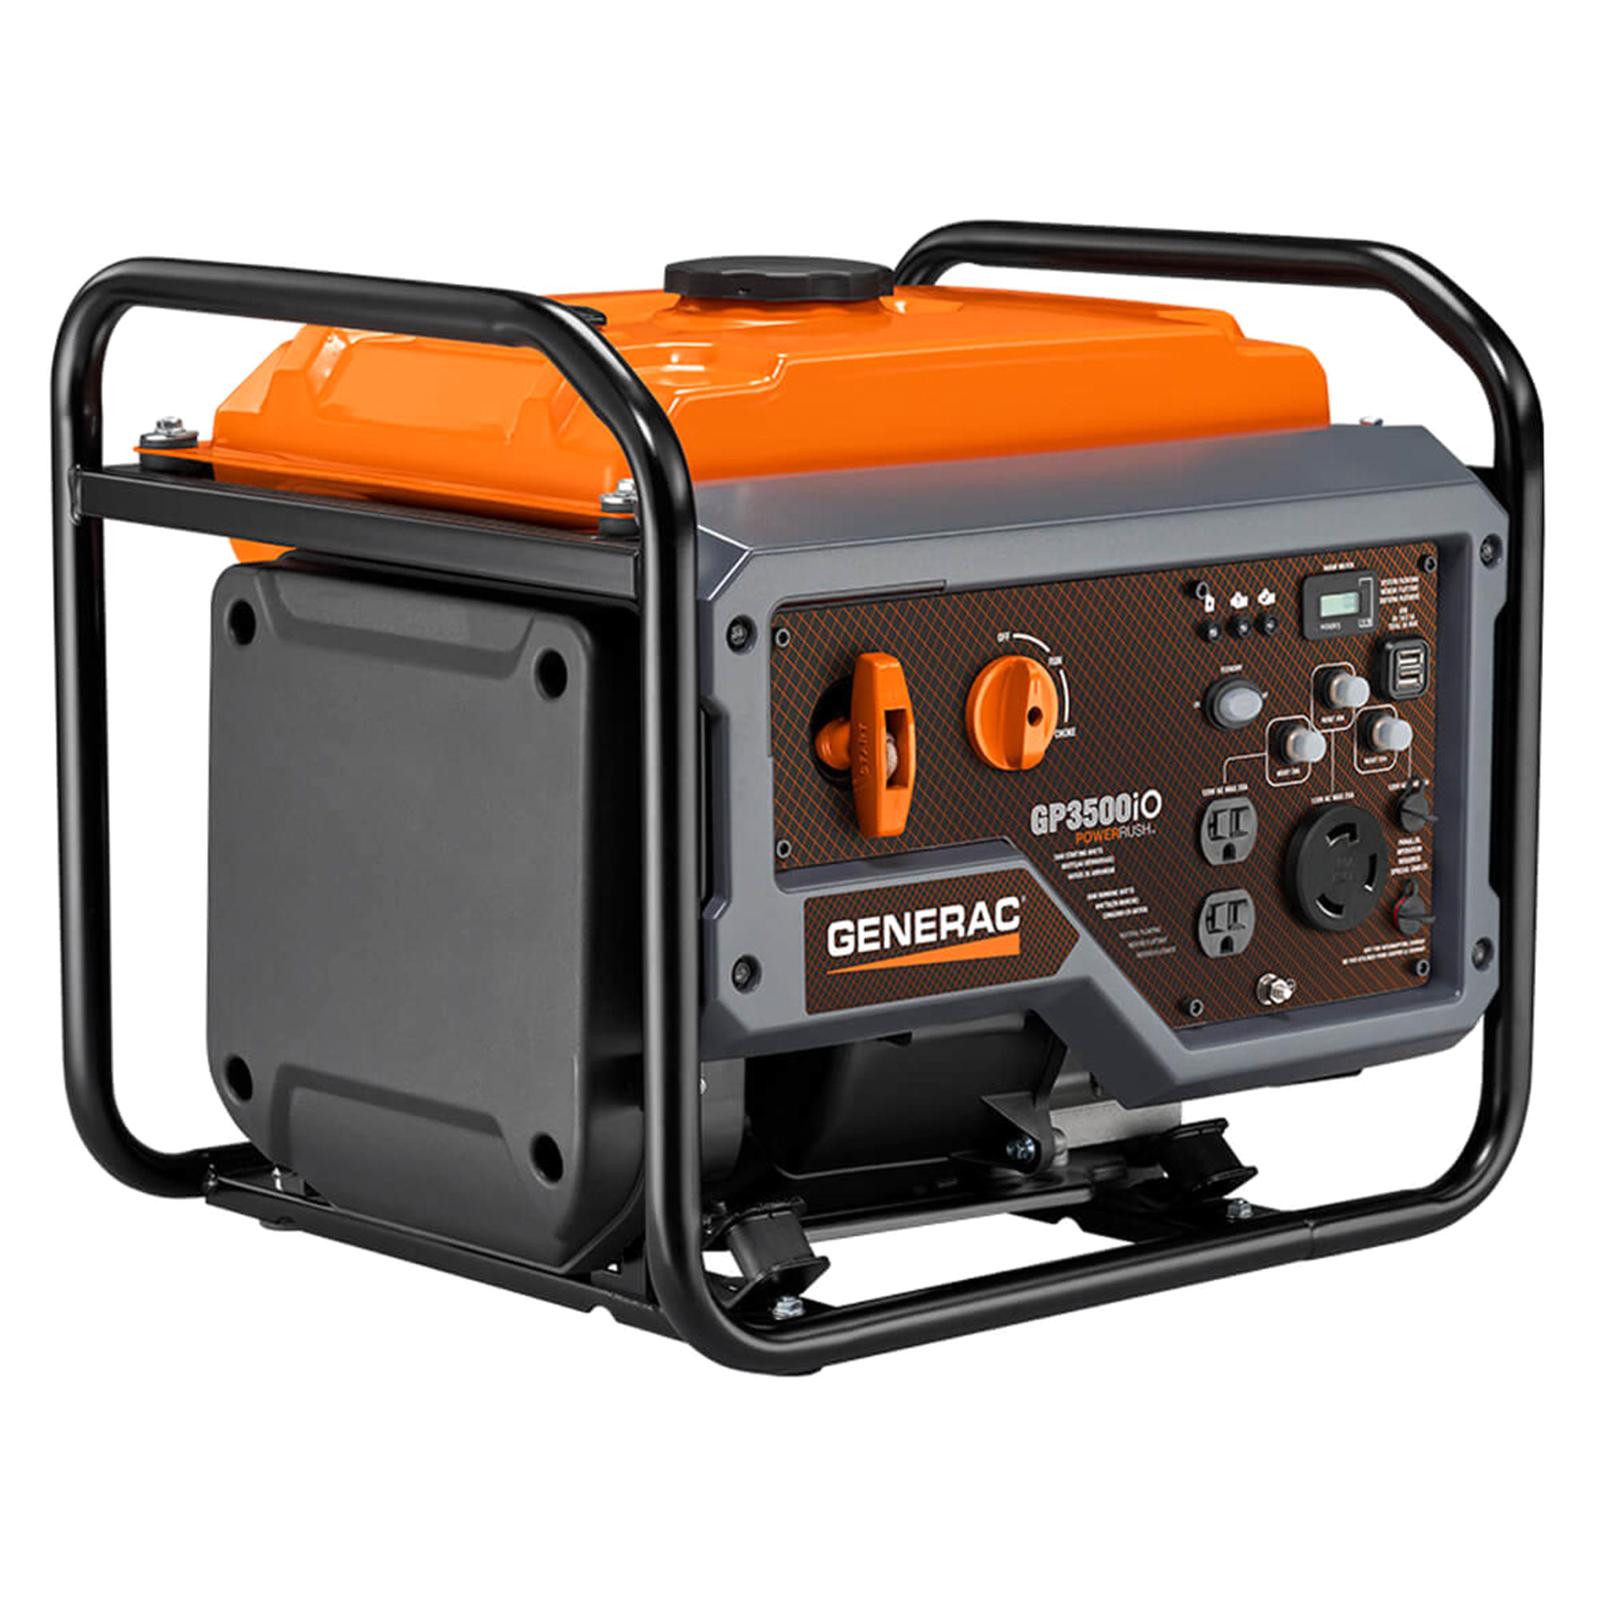 generac 7128 gp series 3500io 3500w portable generator with economy mode [ 1600 x 1600 Pixel ]